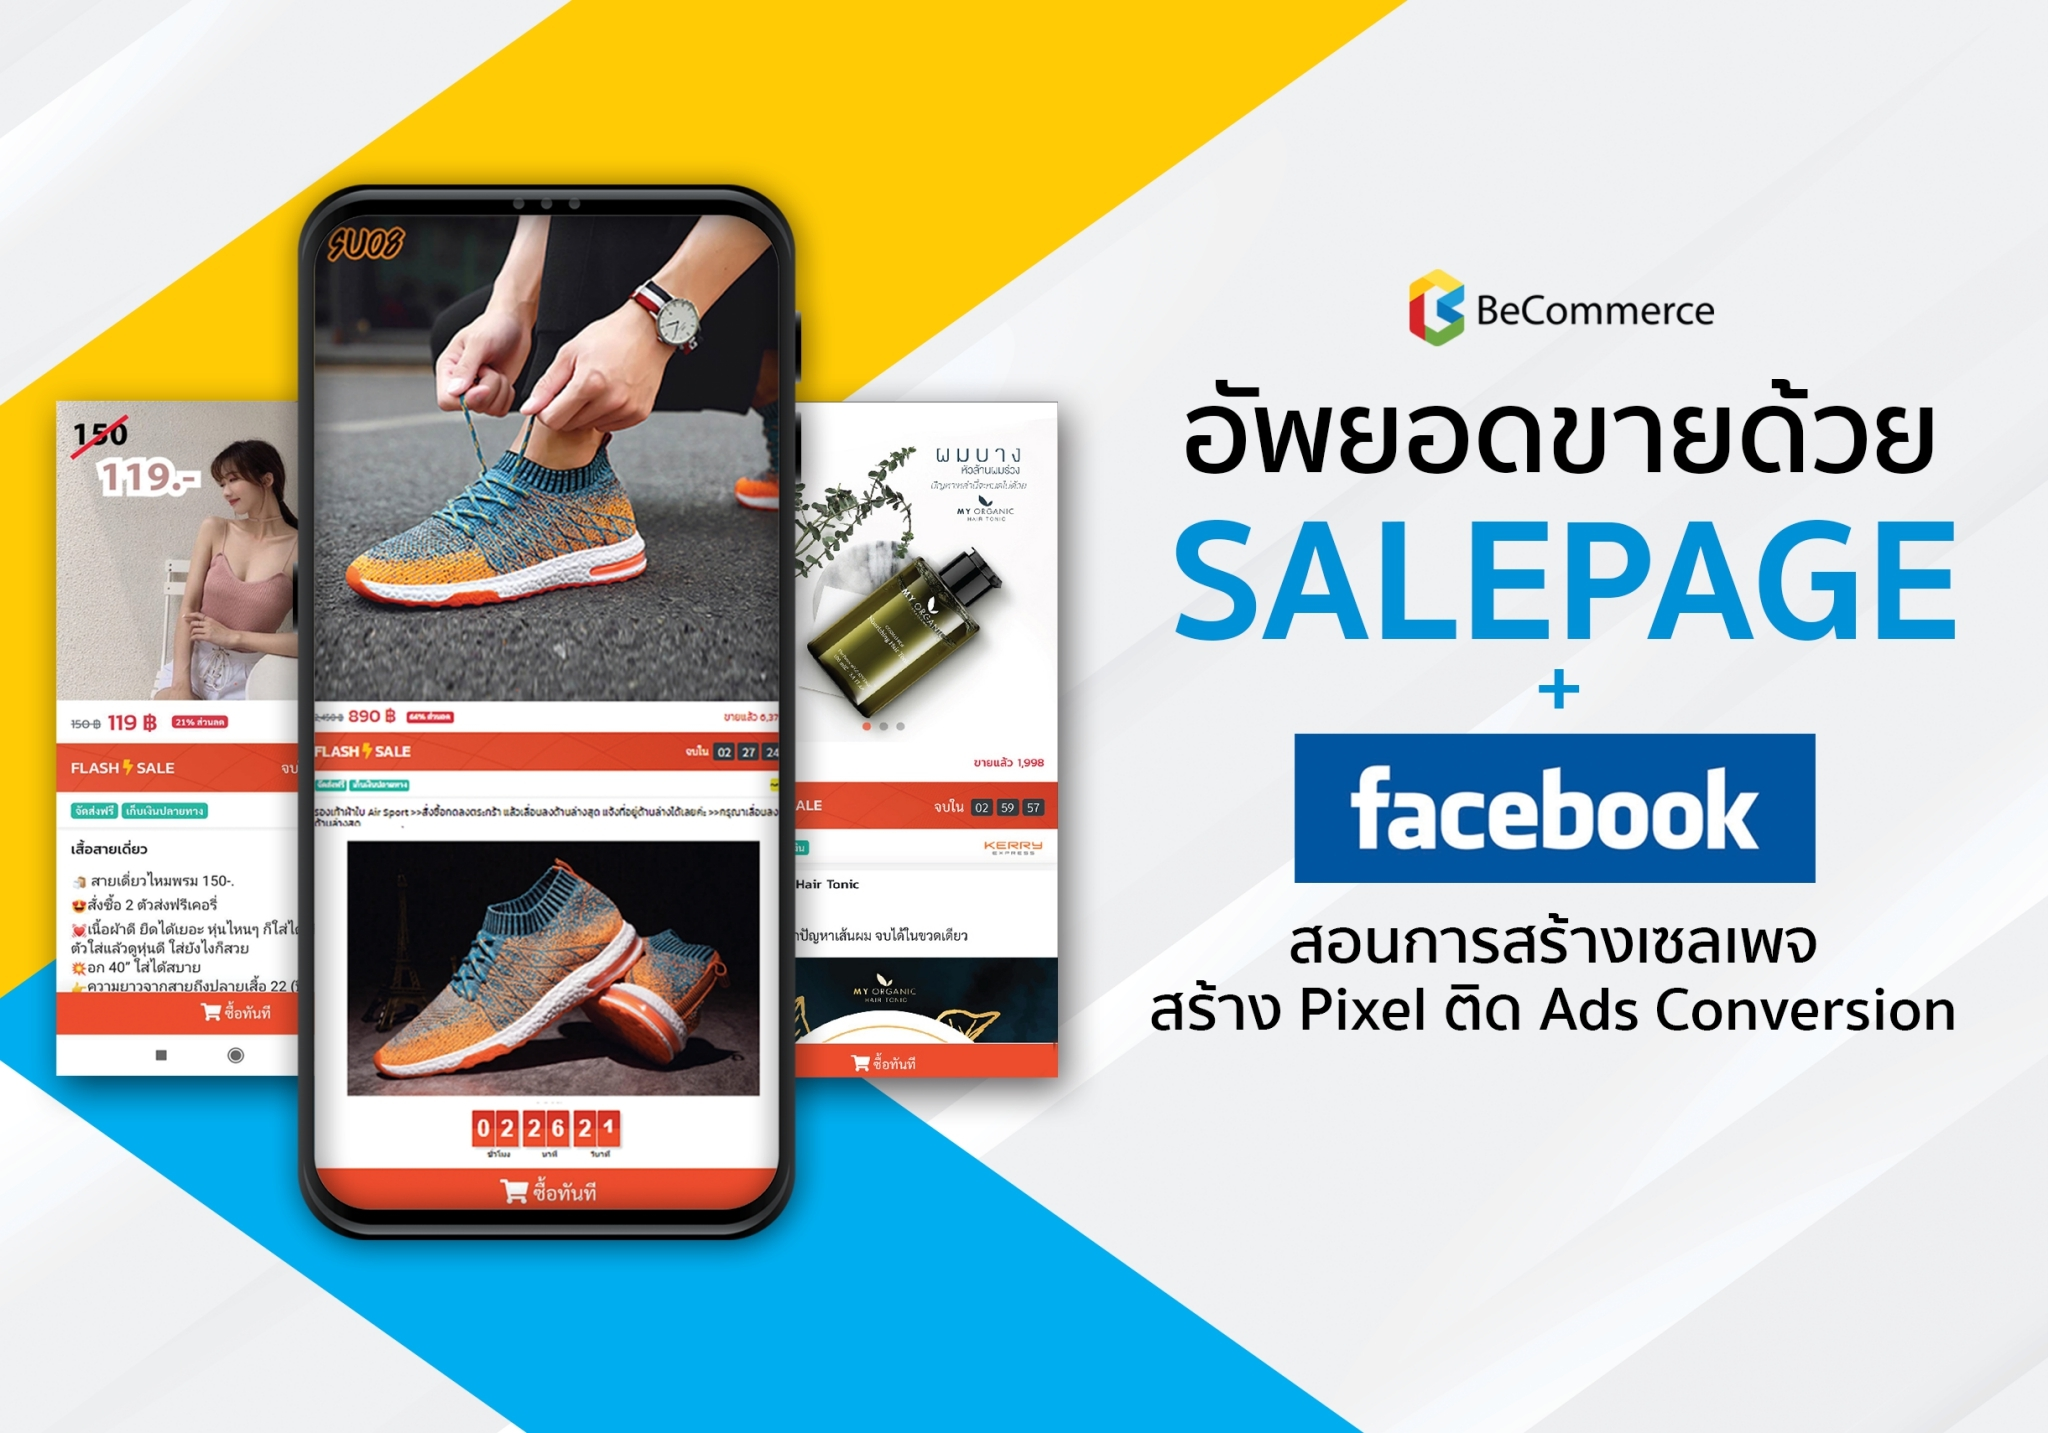 คอร์สสอนสร้าง Salepage พร้อมตั้งค่า Pixel สำหรับการสร้างโฆษณาติด Ads Conversion บน Facebook